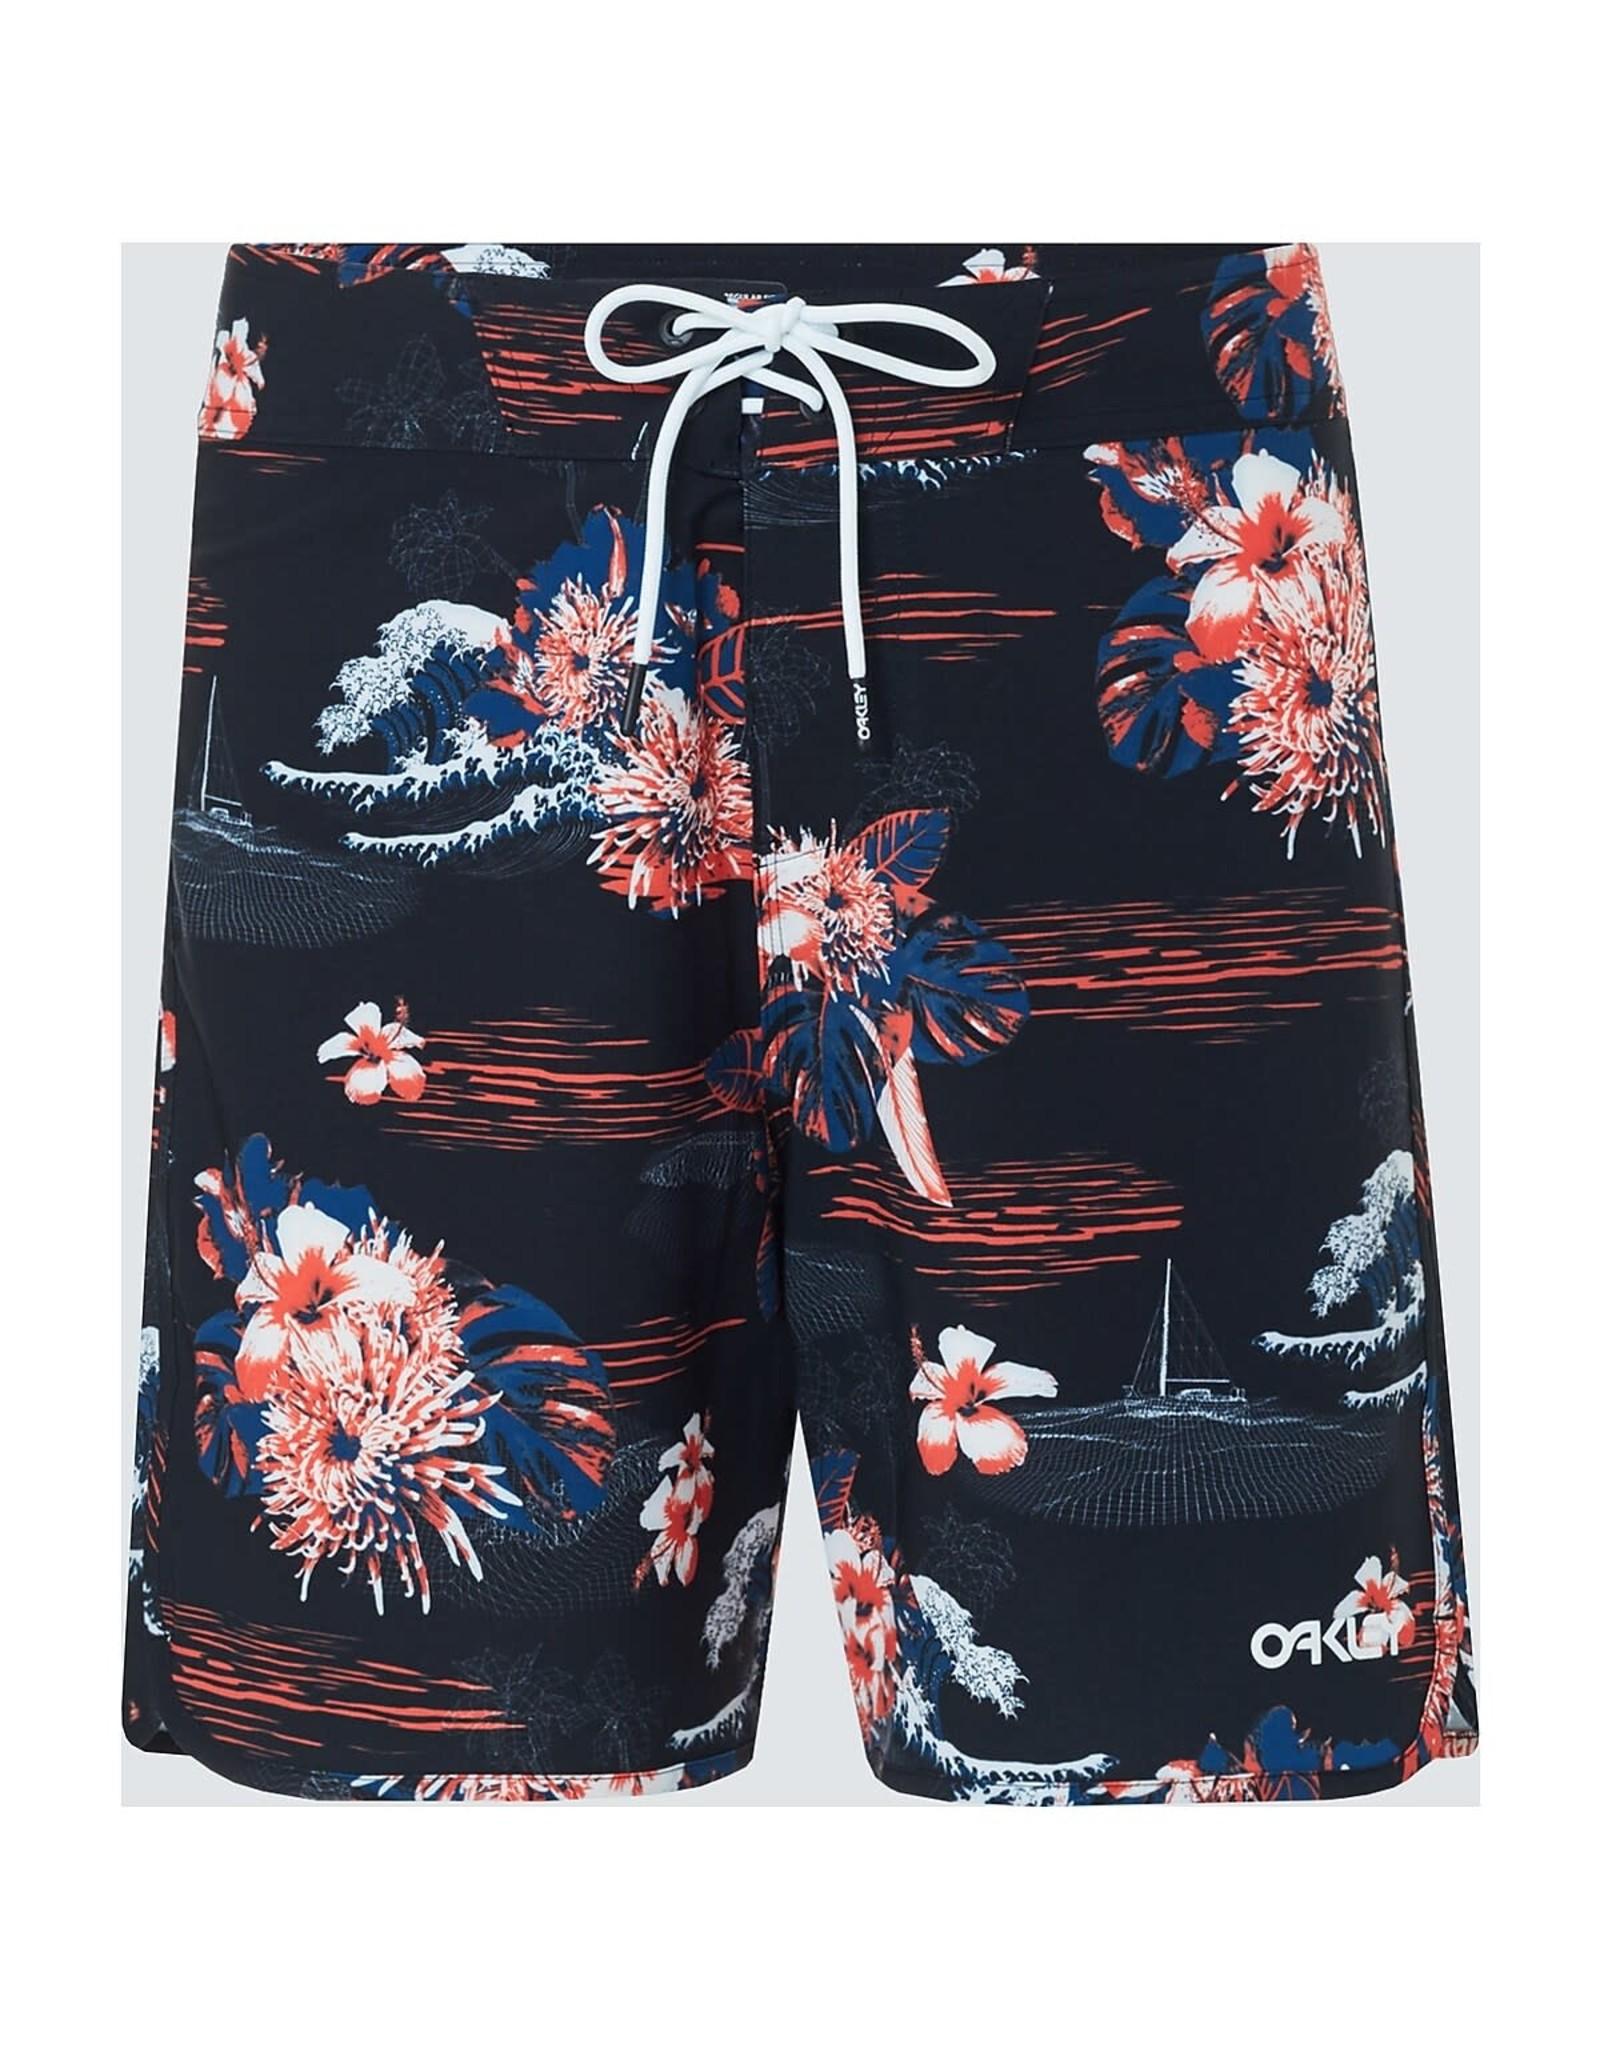 Oakley Oakley - Tropical Bloom Boardshort Black Hawai 31